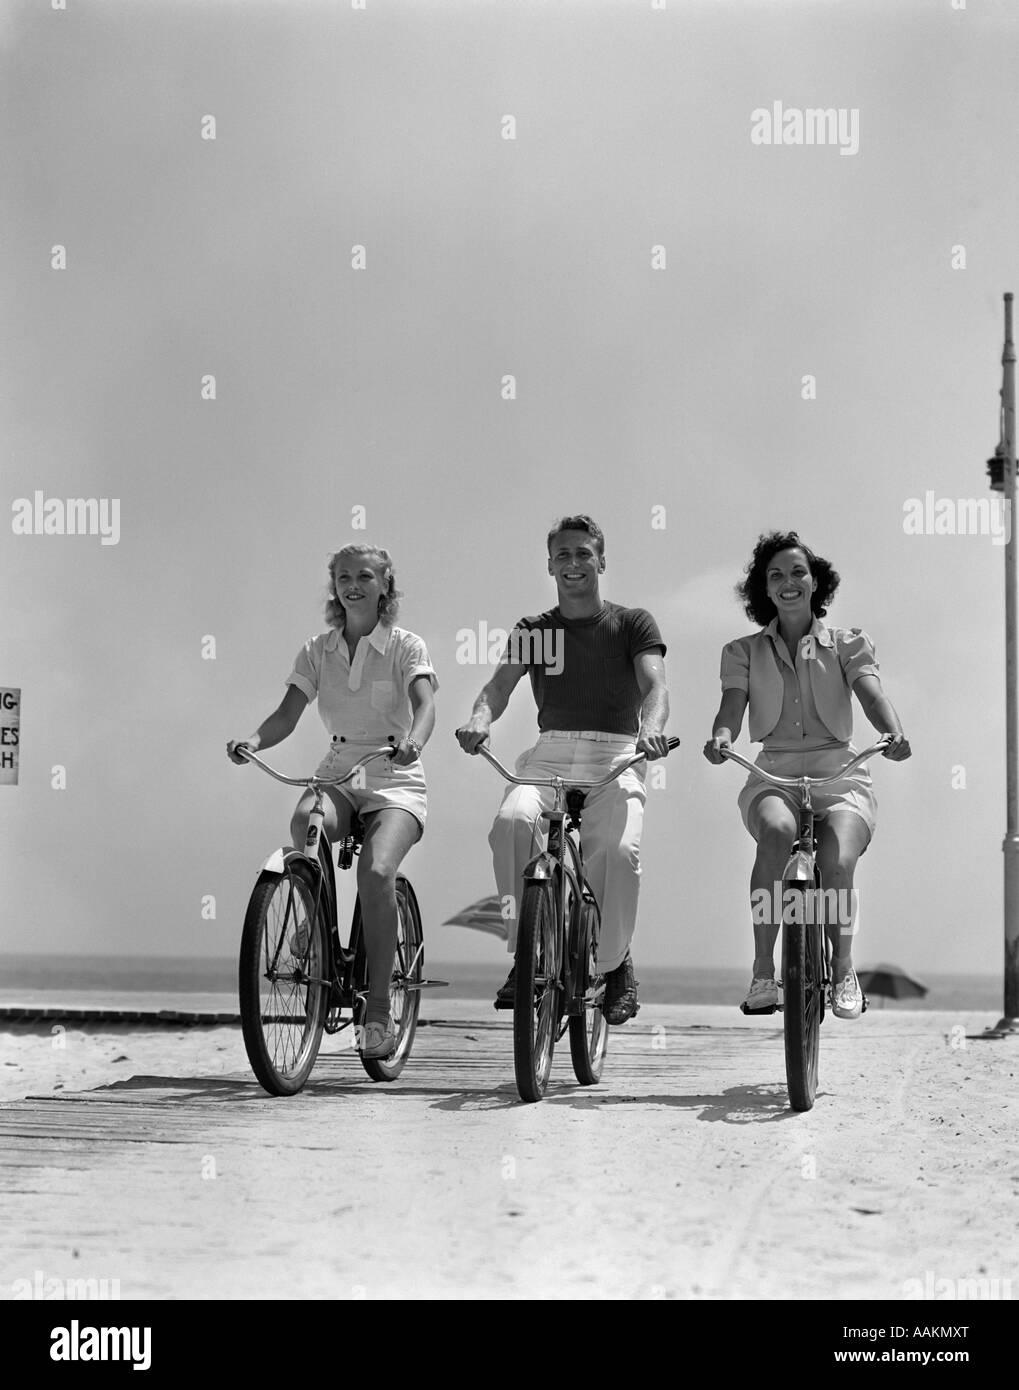 1940ER JAHRE MANN ZWEI FRAUEN BIKE-STRANDPROMENADE Stockfoto